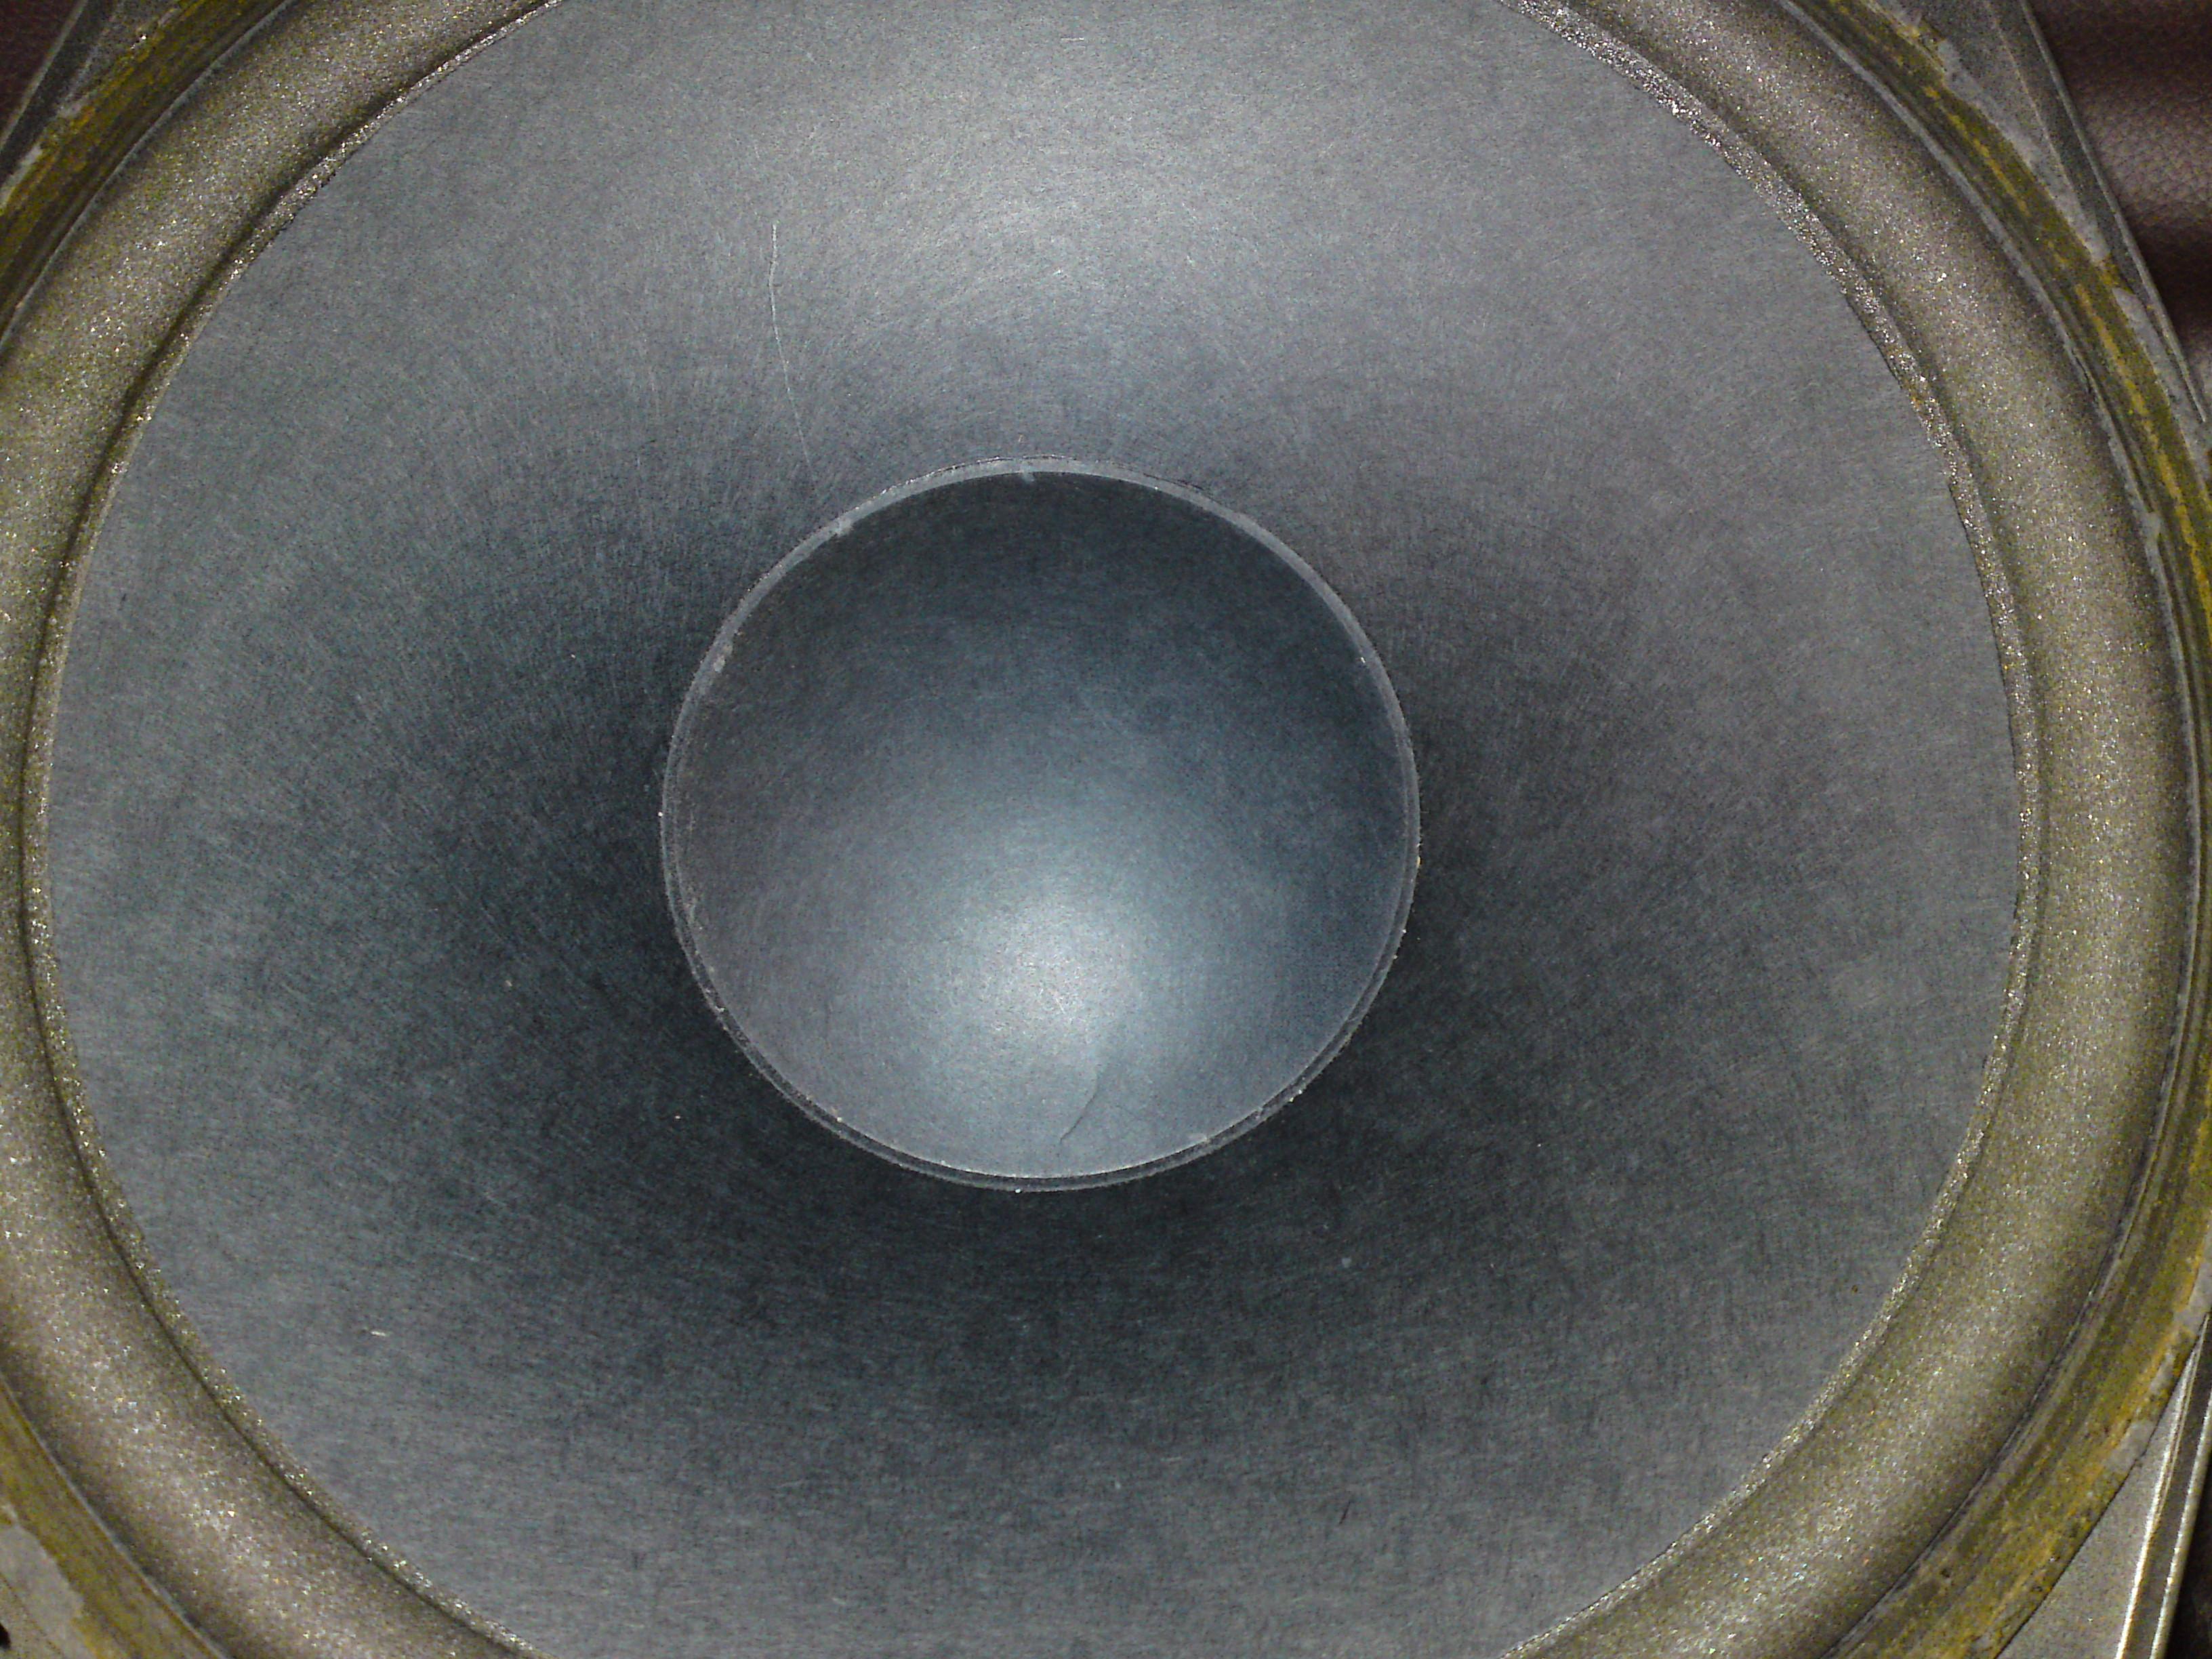 quadral blaupunkt PHONOLOGUE 25cm głośniki niskotonowe sprzedam